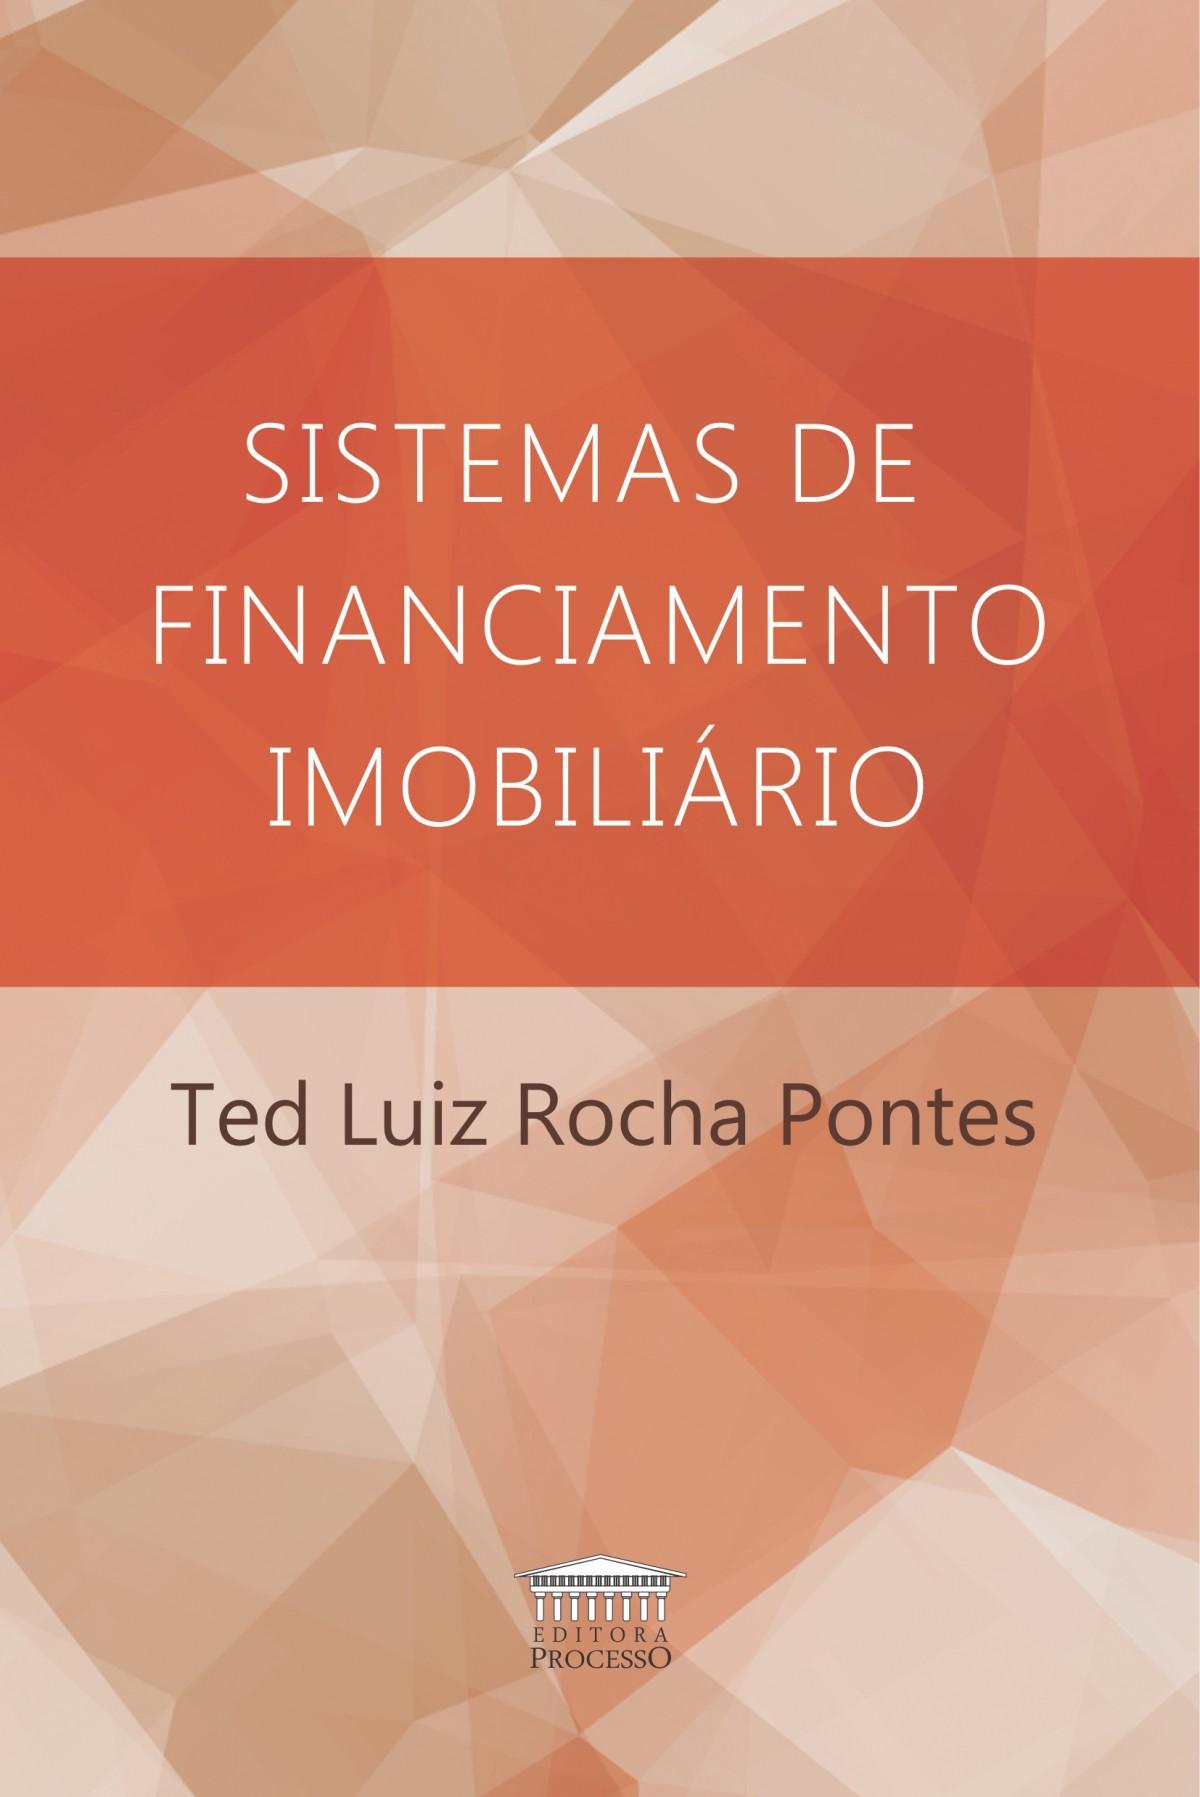 Foto 1 - Sistemas de Financiamento Imobiliário